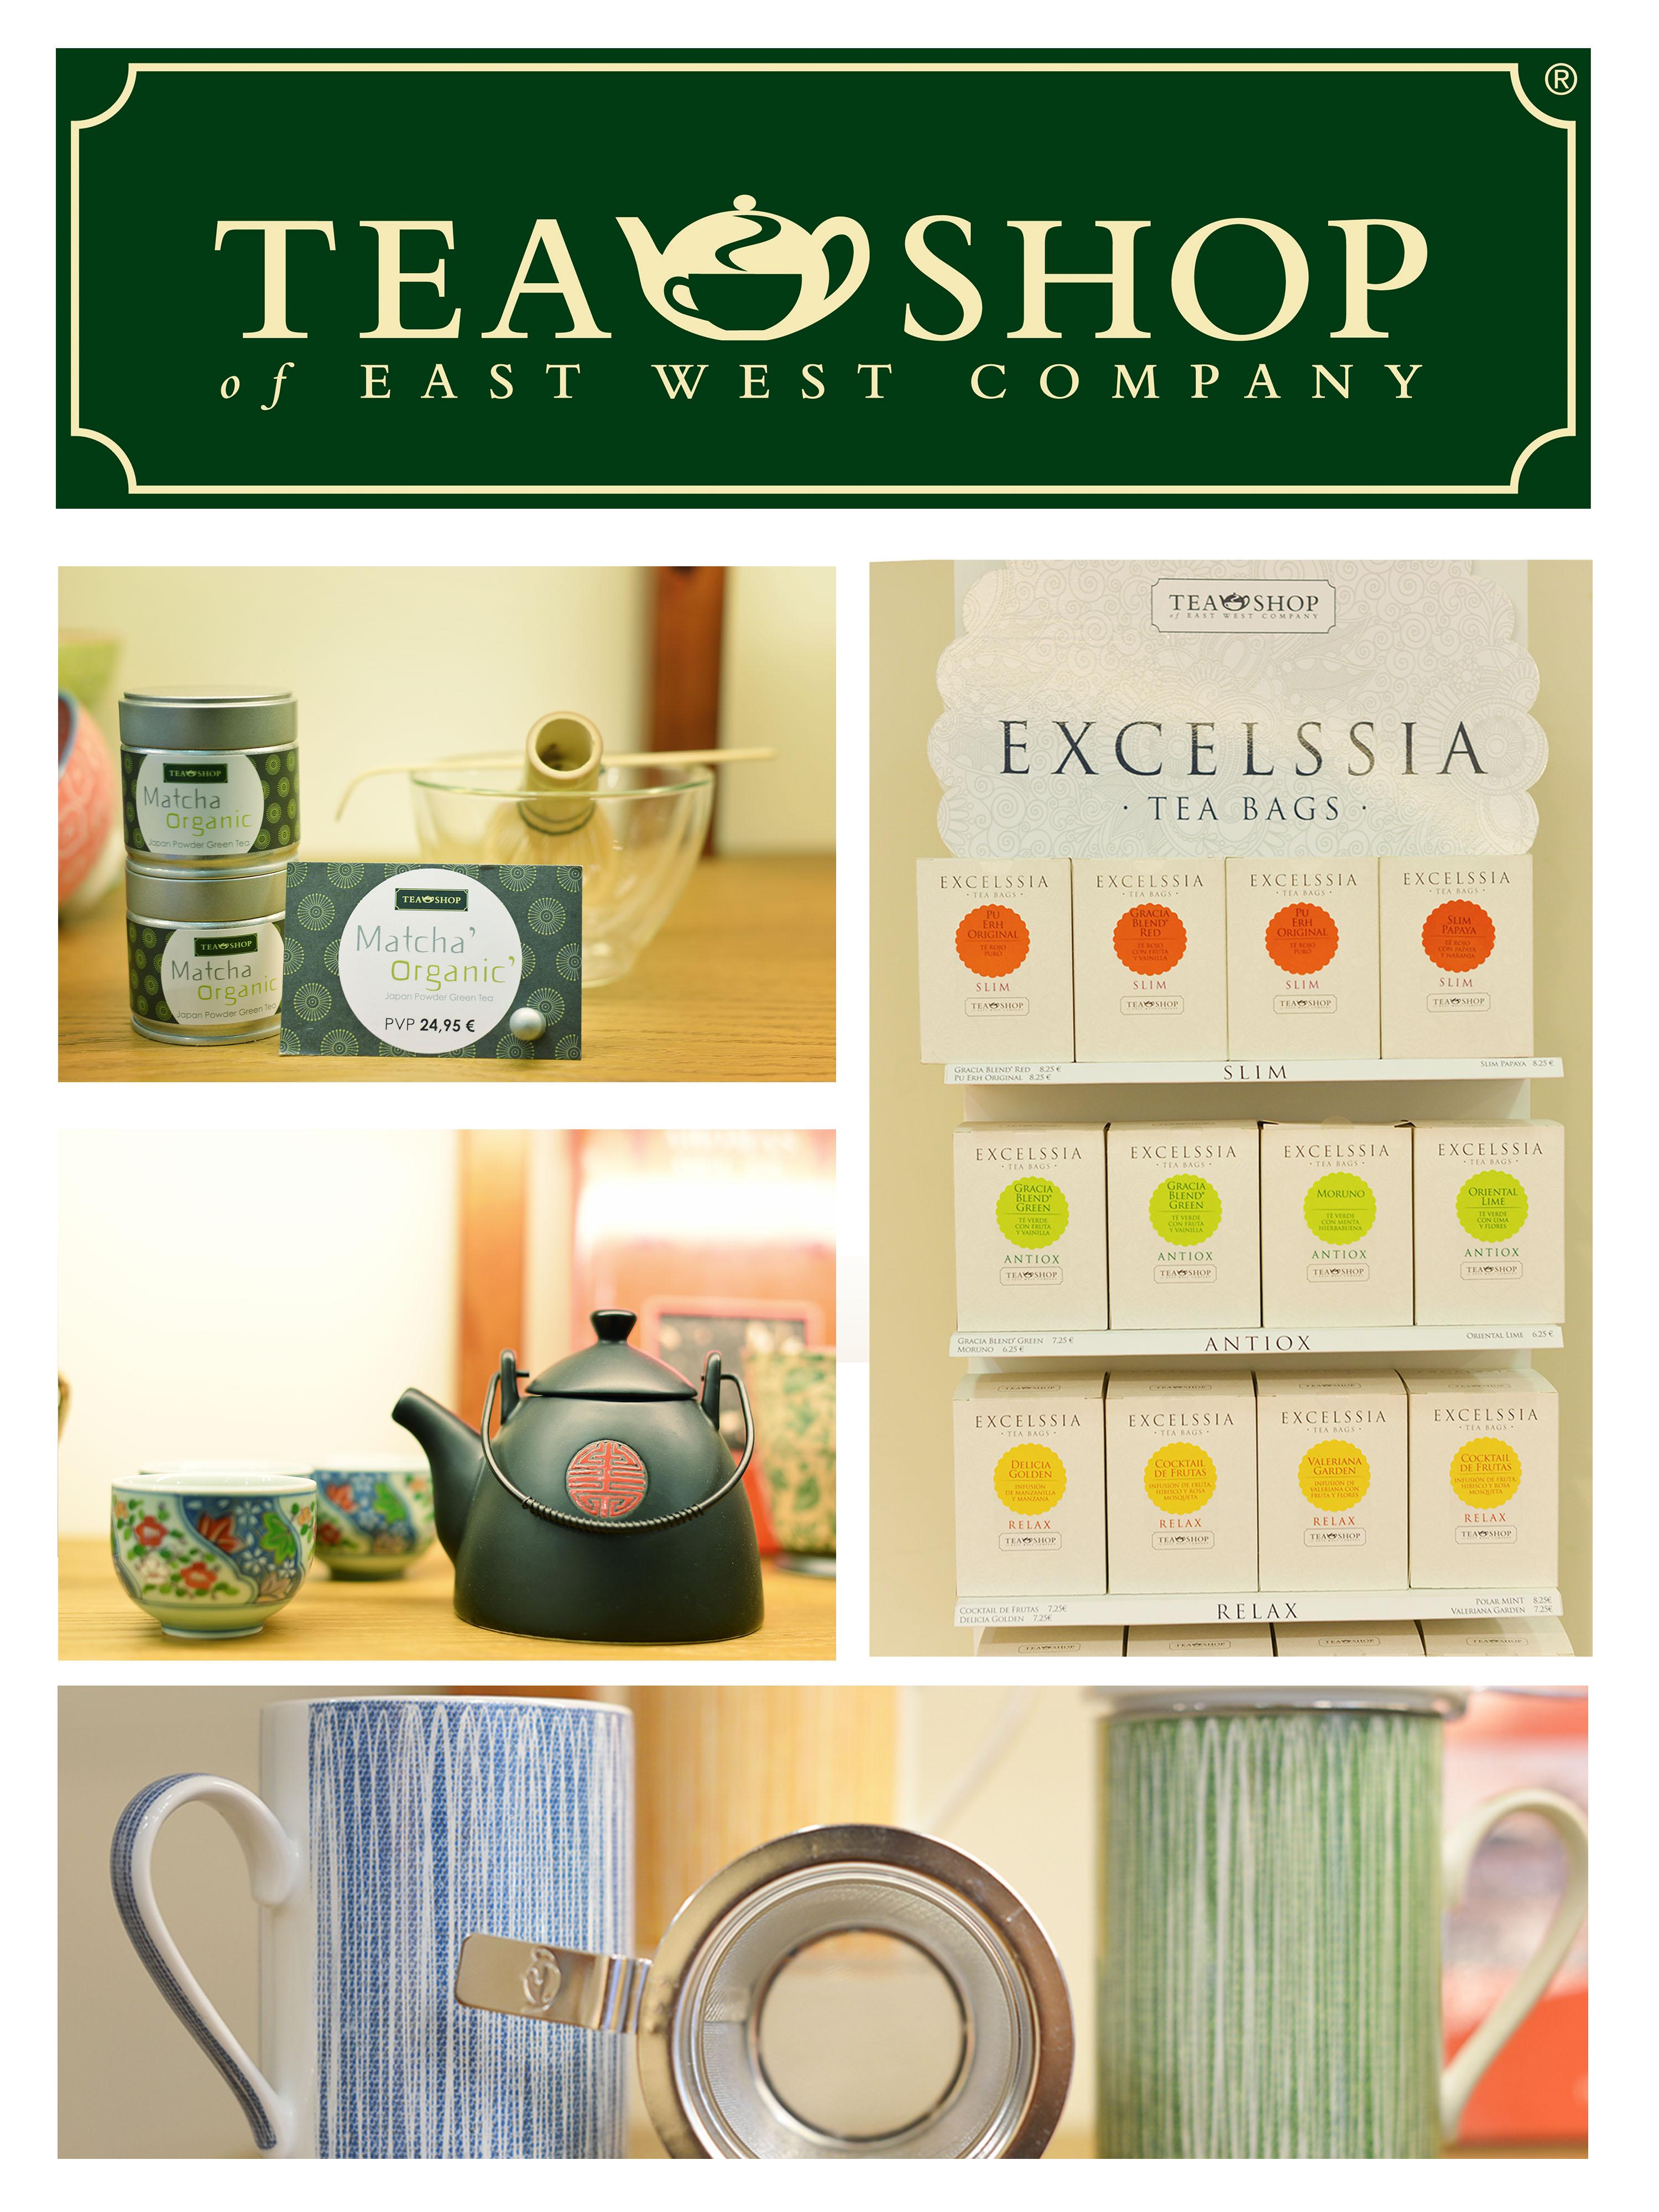 Tea Shop Franquicia. Tea Shop Franquicia With Tea Shop Franquicia ...